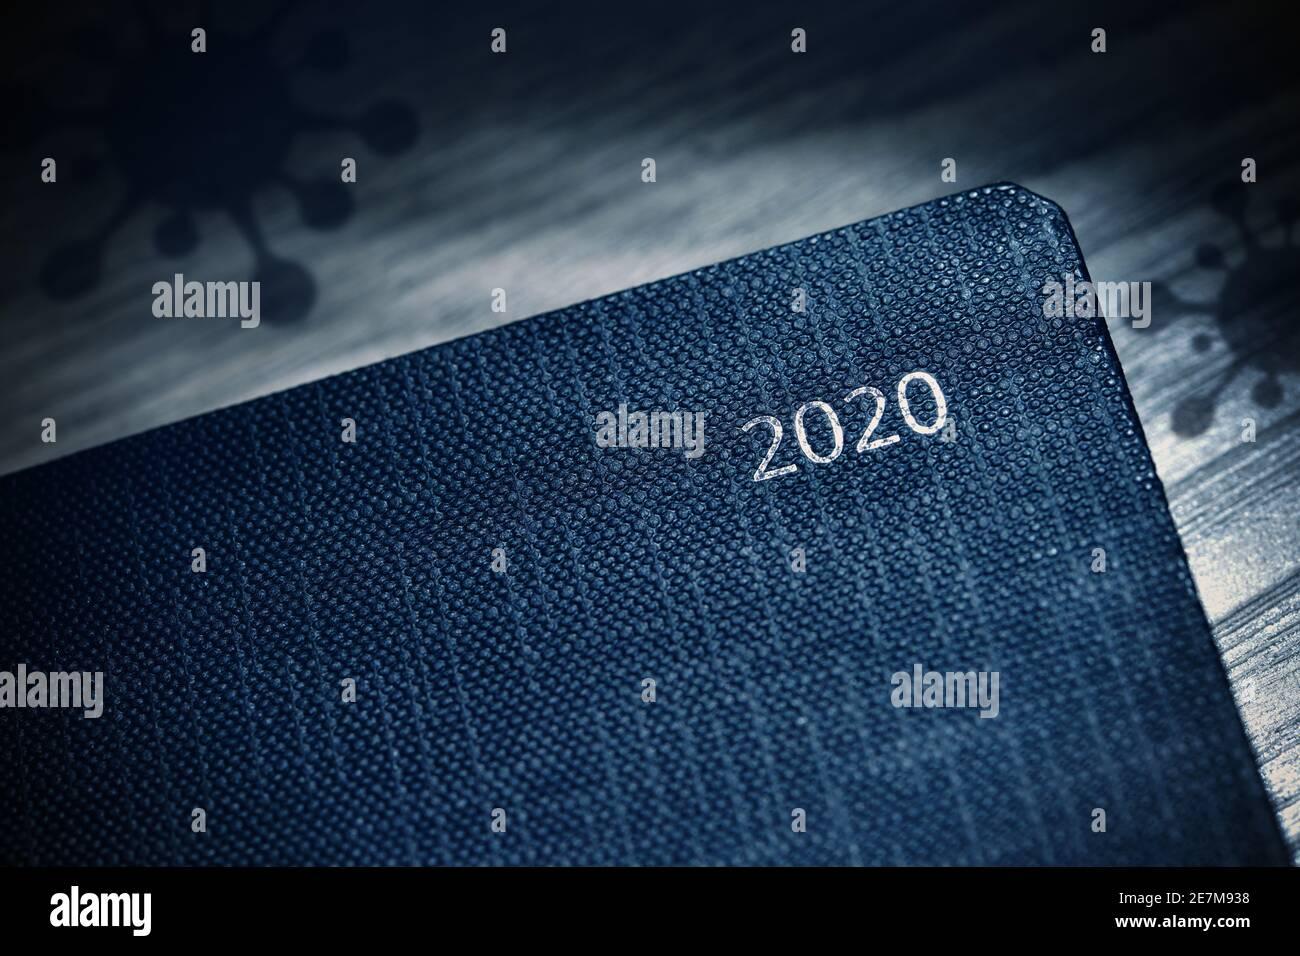 Calendar Of The Year 2020 And Coronavirus Symbols Stock Photo